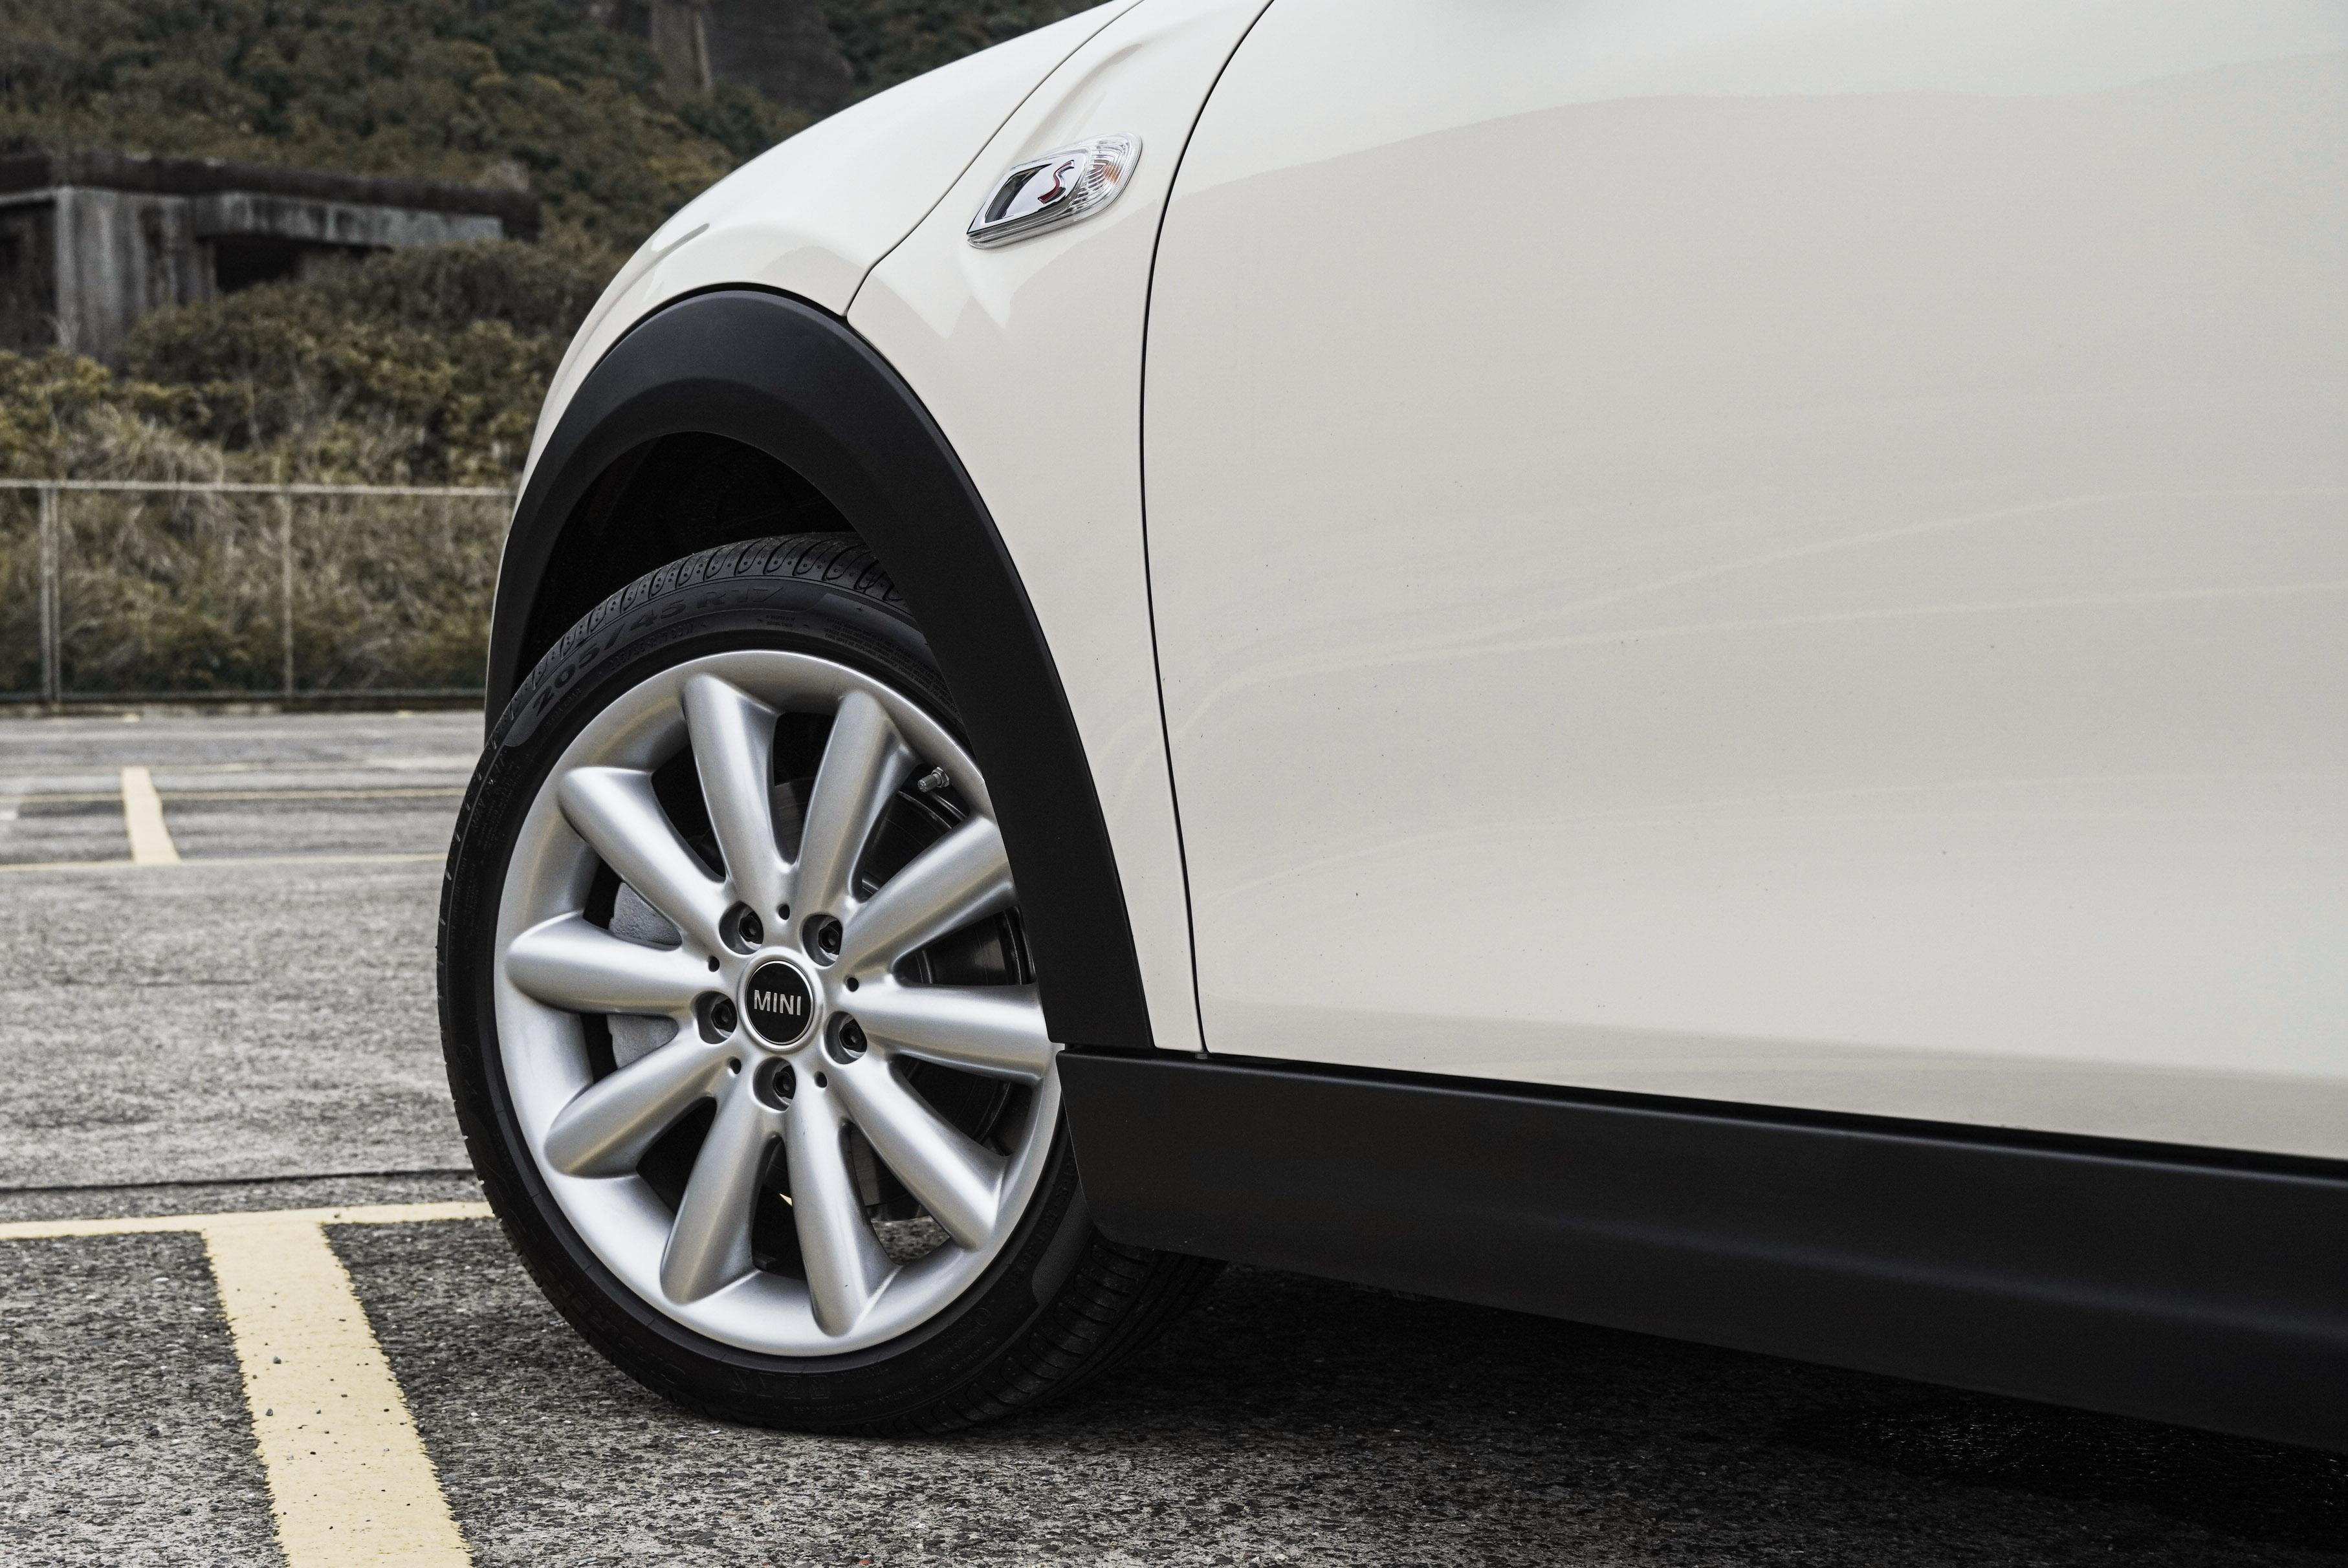 Cooper S 標配 17 吋輪圈。葉子板上有 S 標誌。